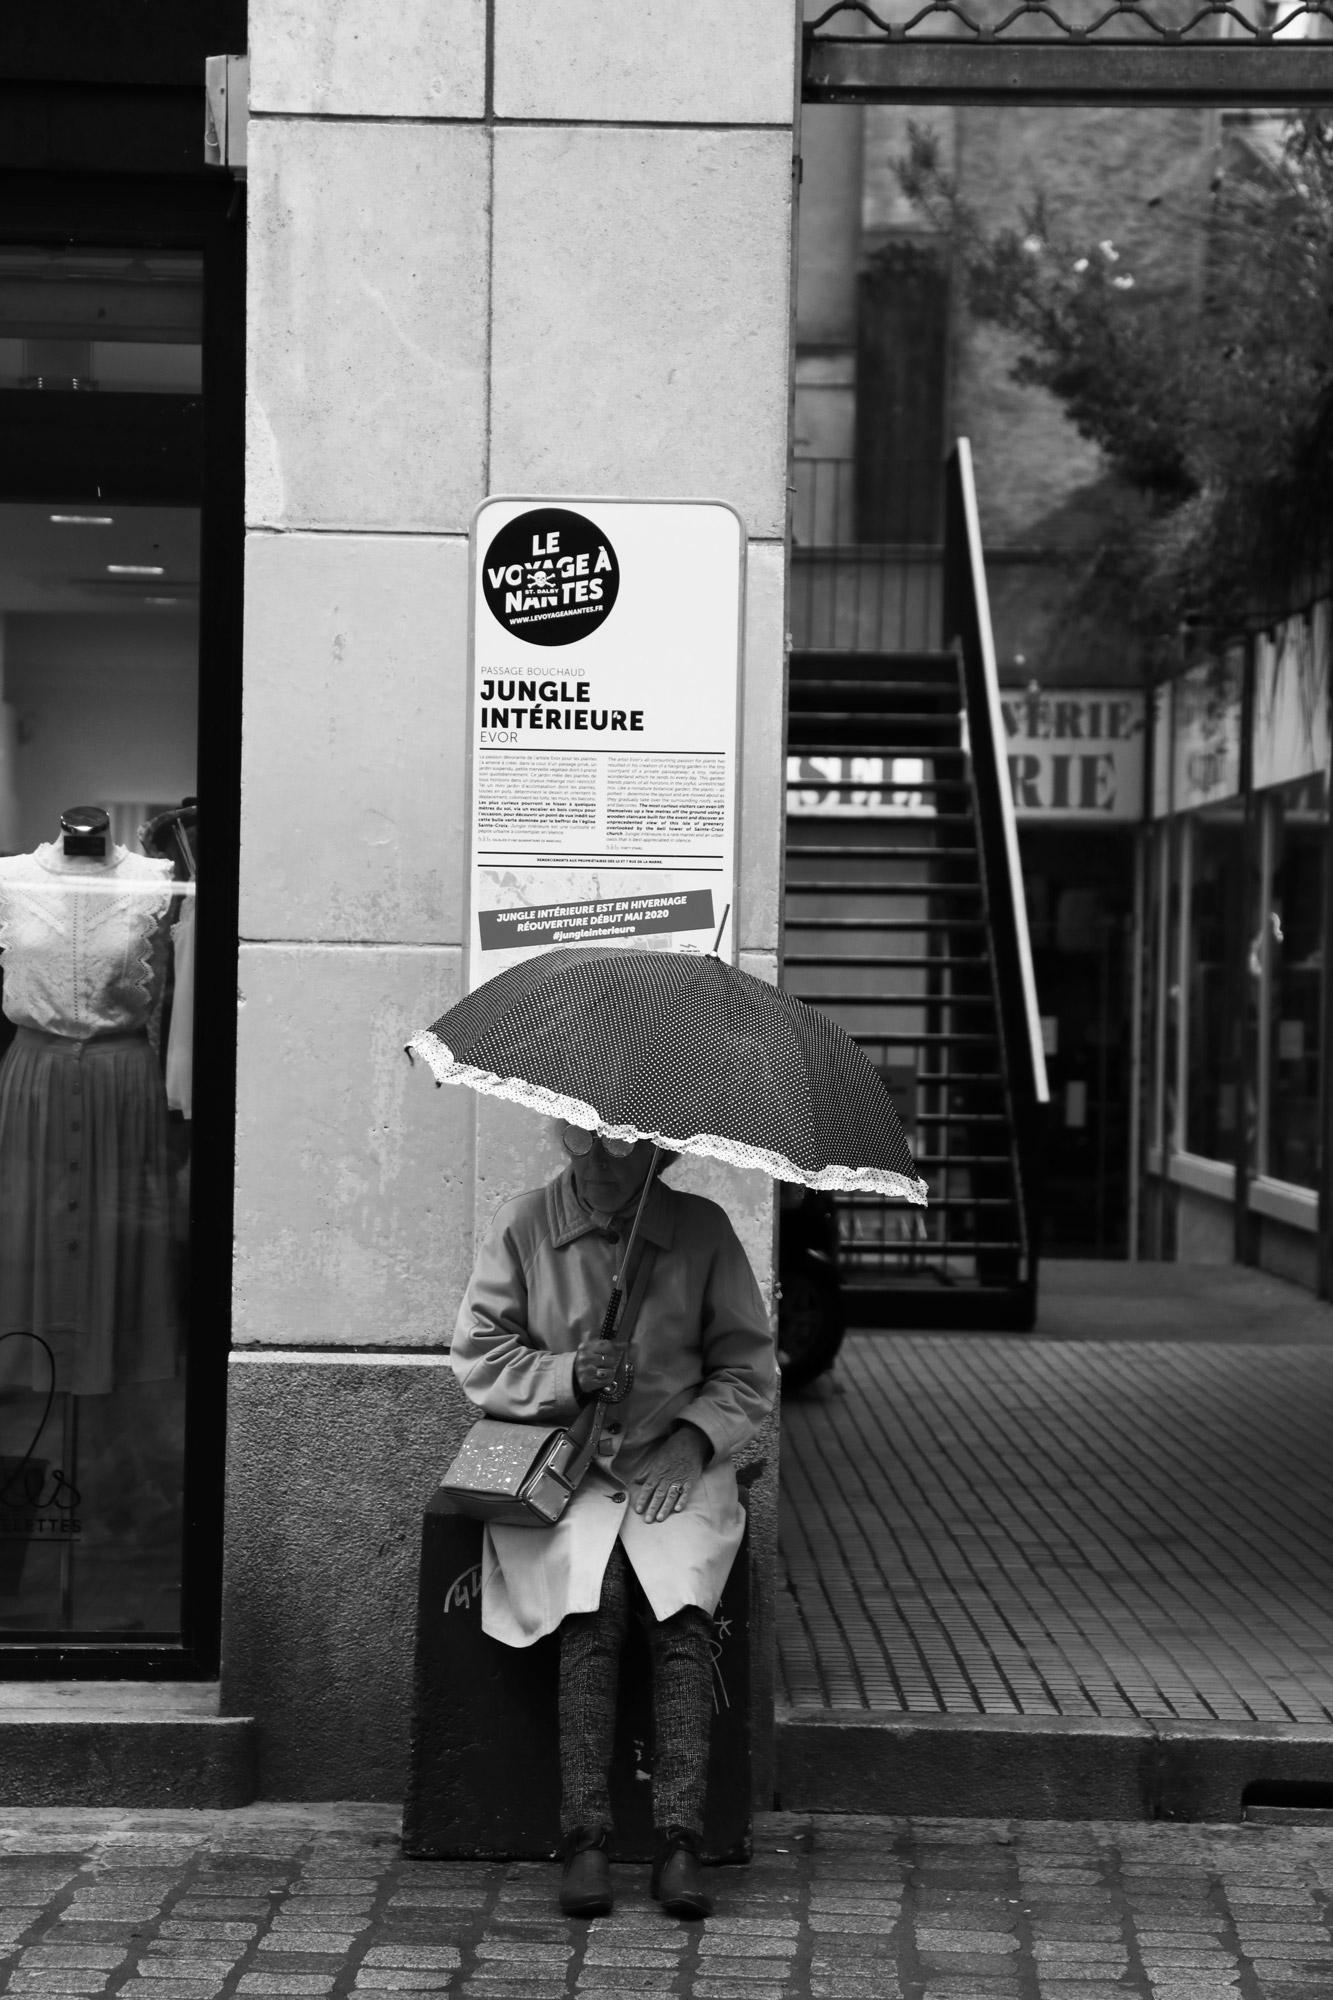 """""""Jungle intérieure"""" - Rue de la Marne, Nantes. ©Clémence Rougetet"""